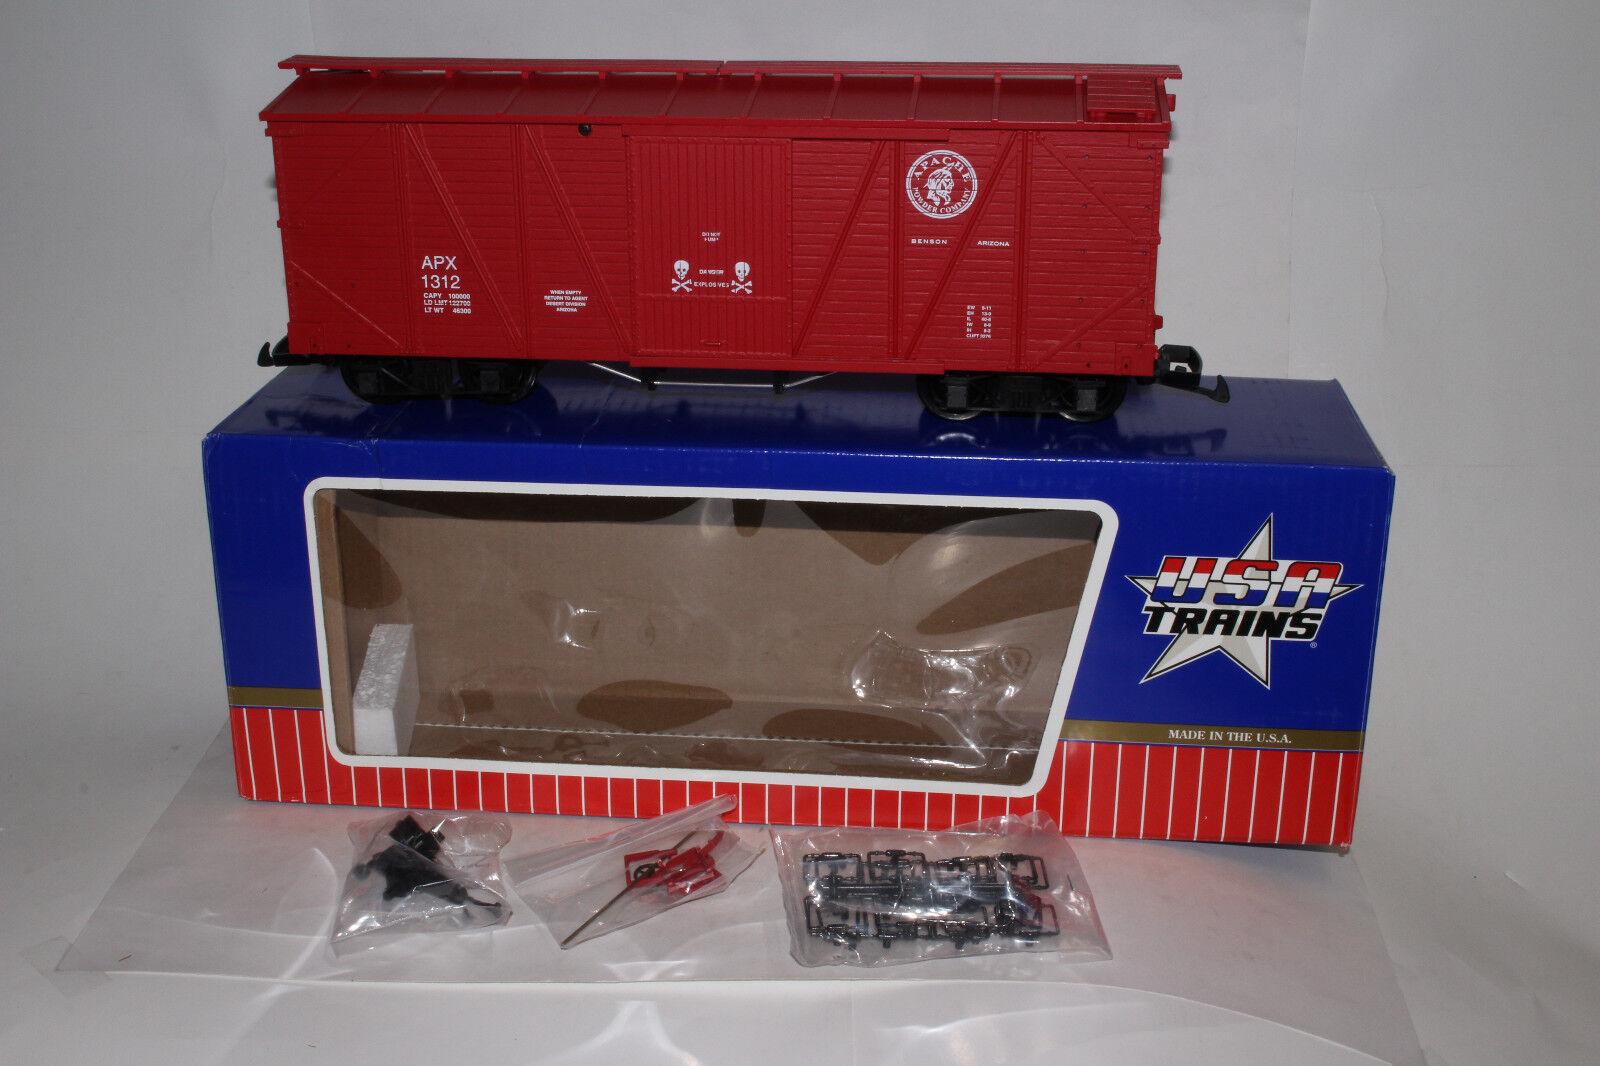 USA i treni G SCALE APACHE POWDER azienda scatolaauto, TCA 2009, EXCELLENT, scatolaED